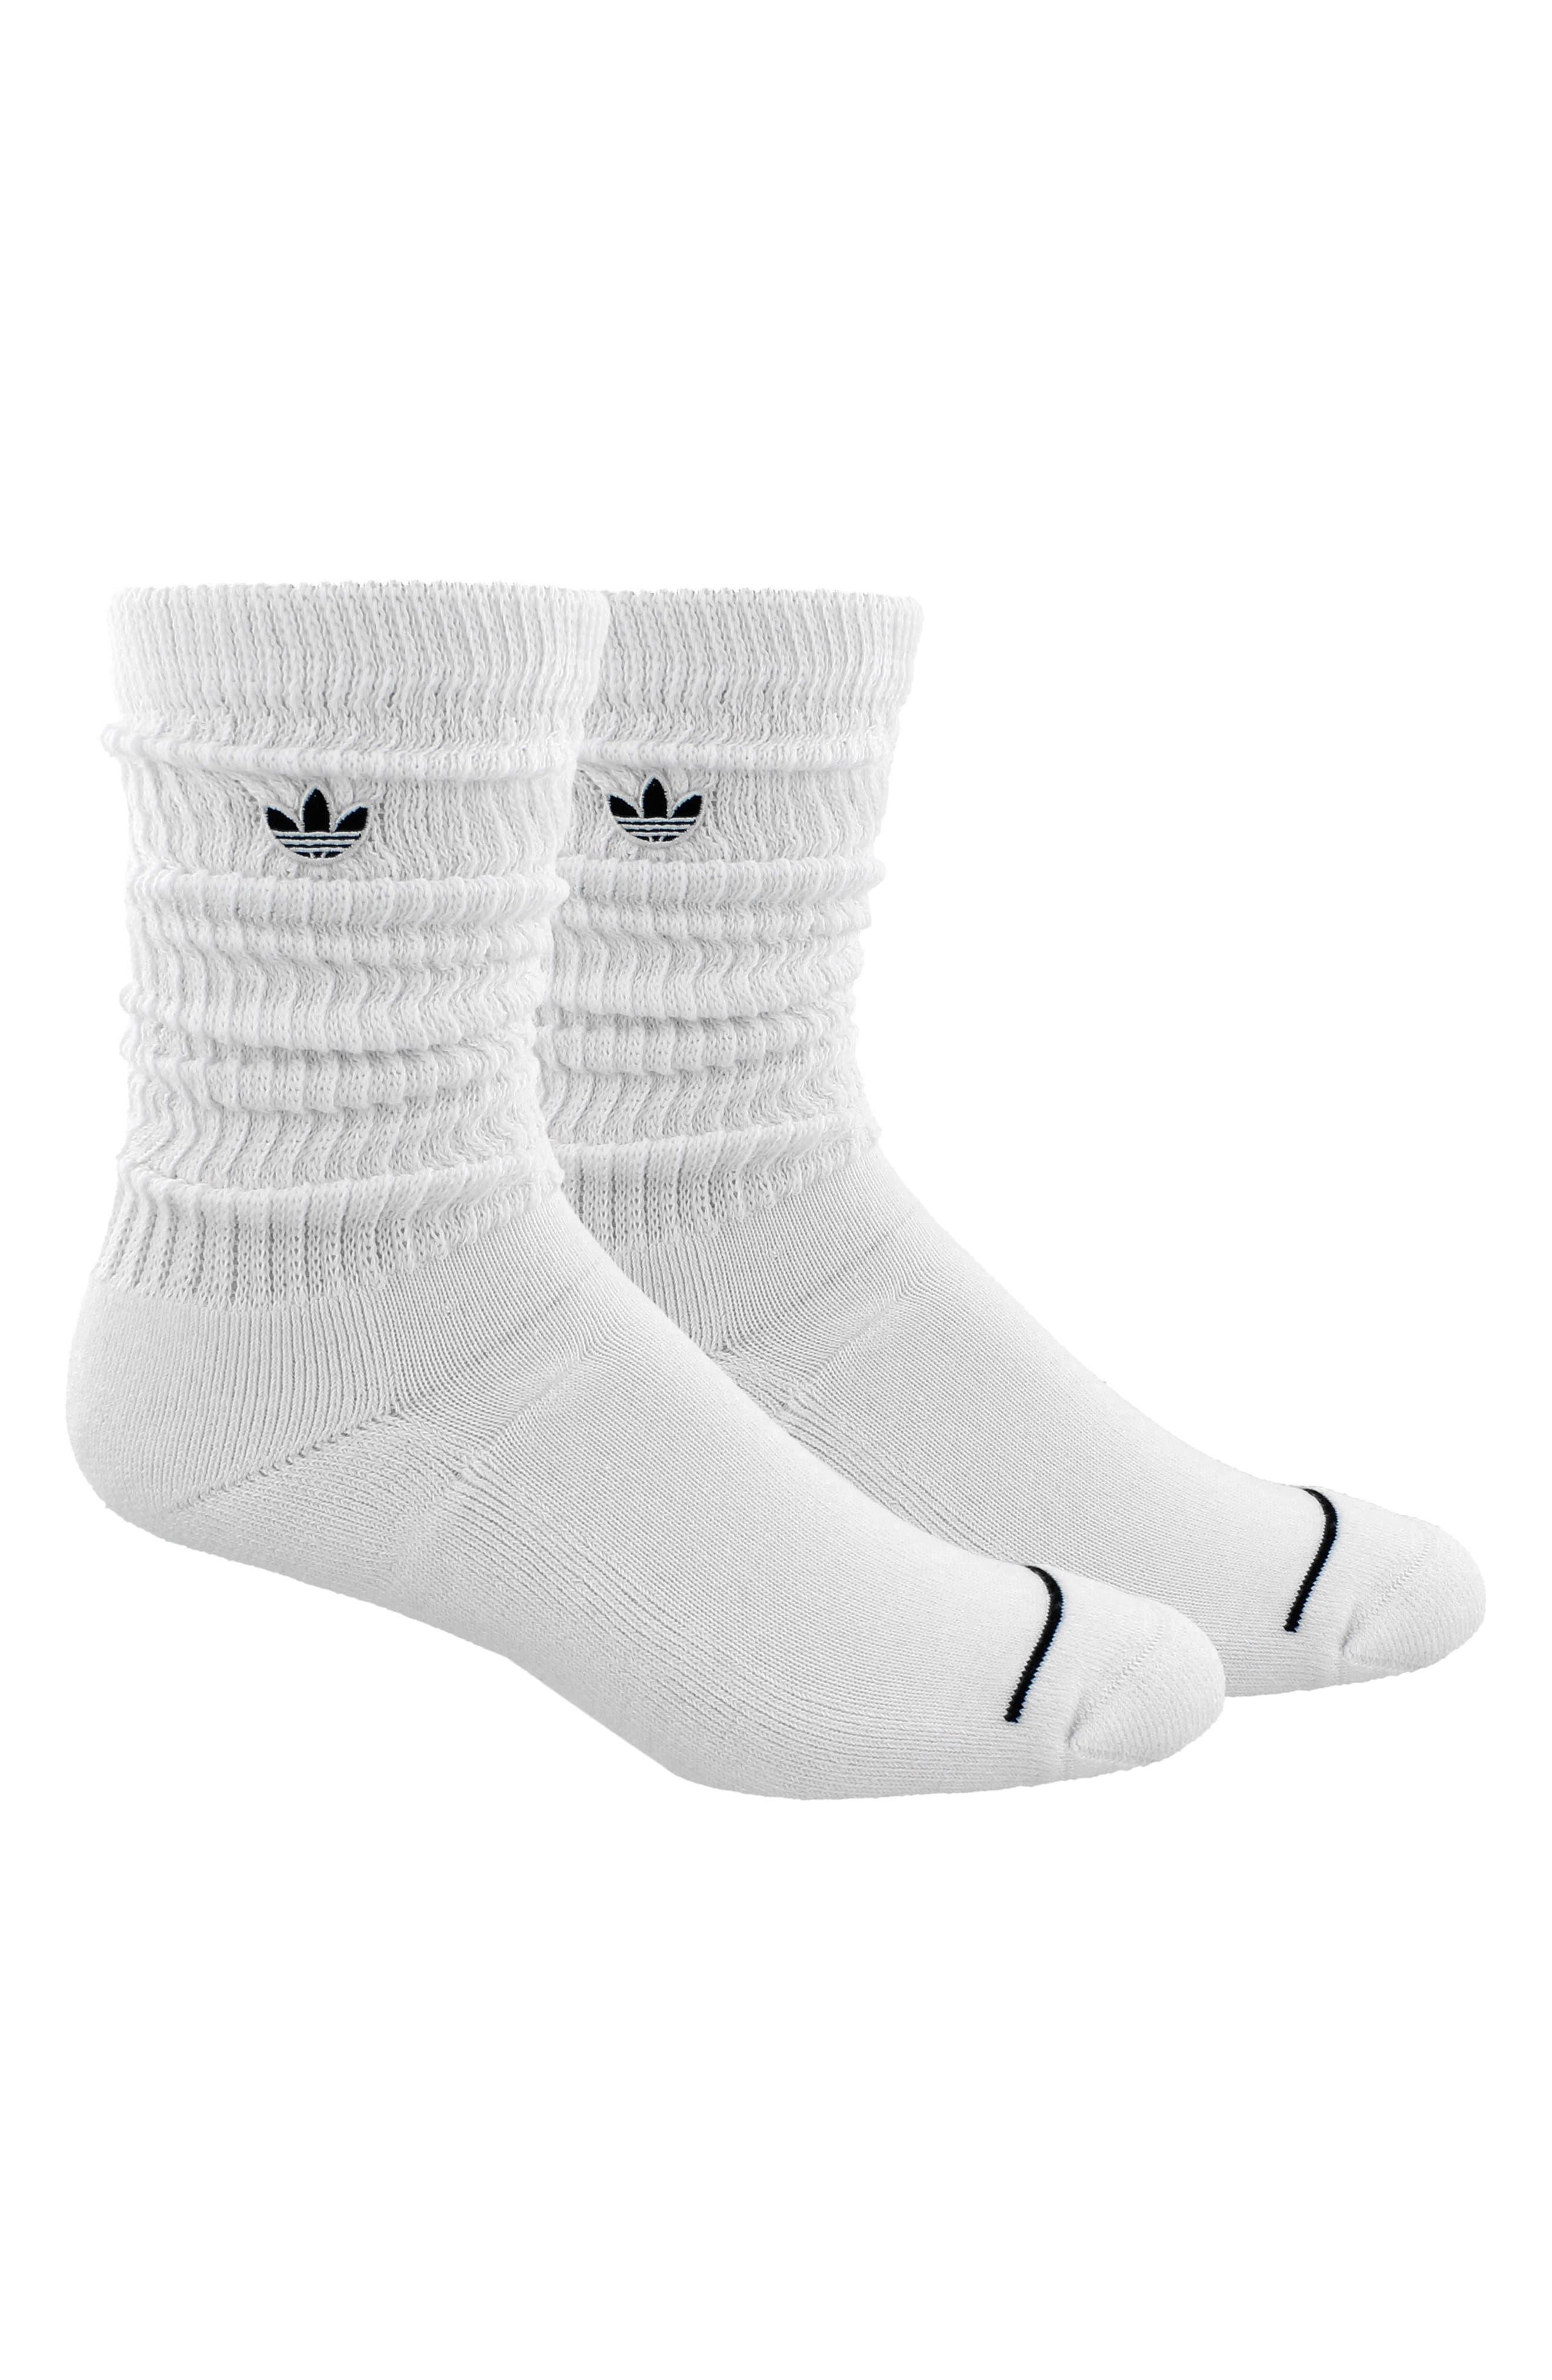 OG Slouch Crew Socks,                             Alternate thumbnail 3, color,                             White